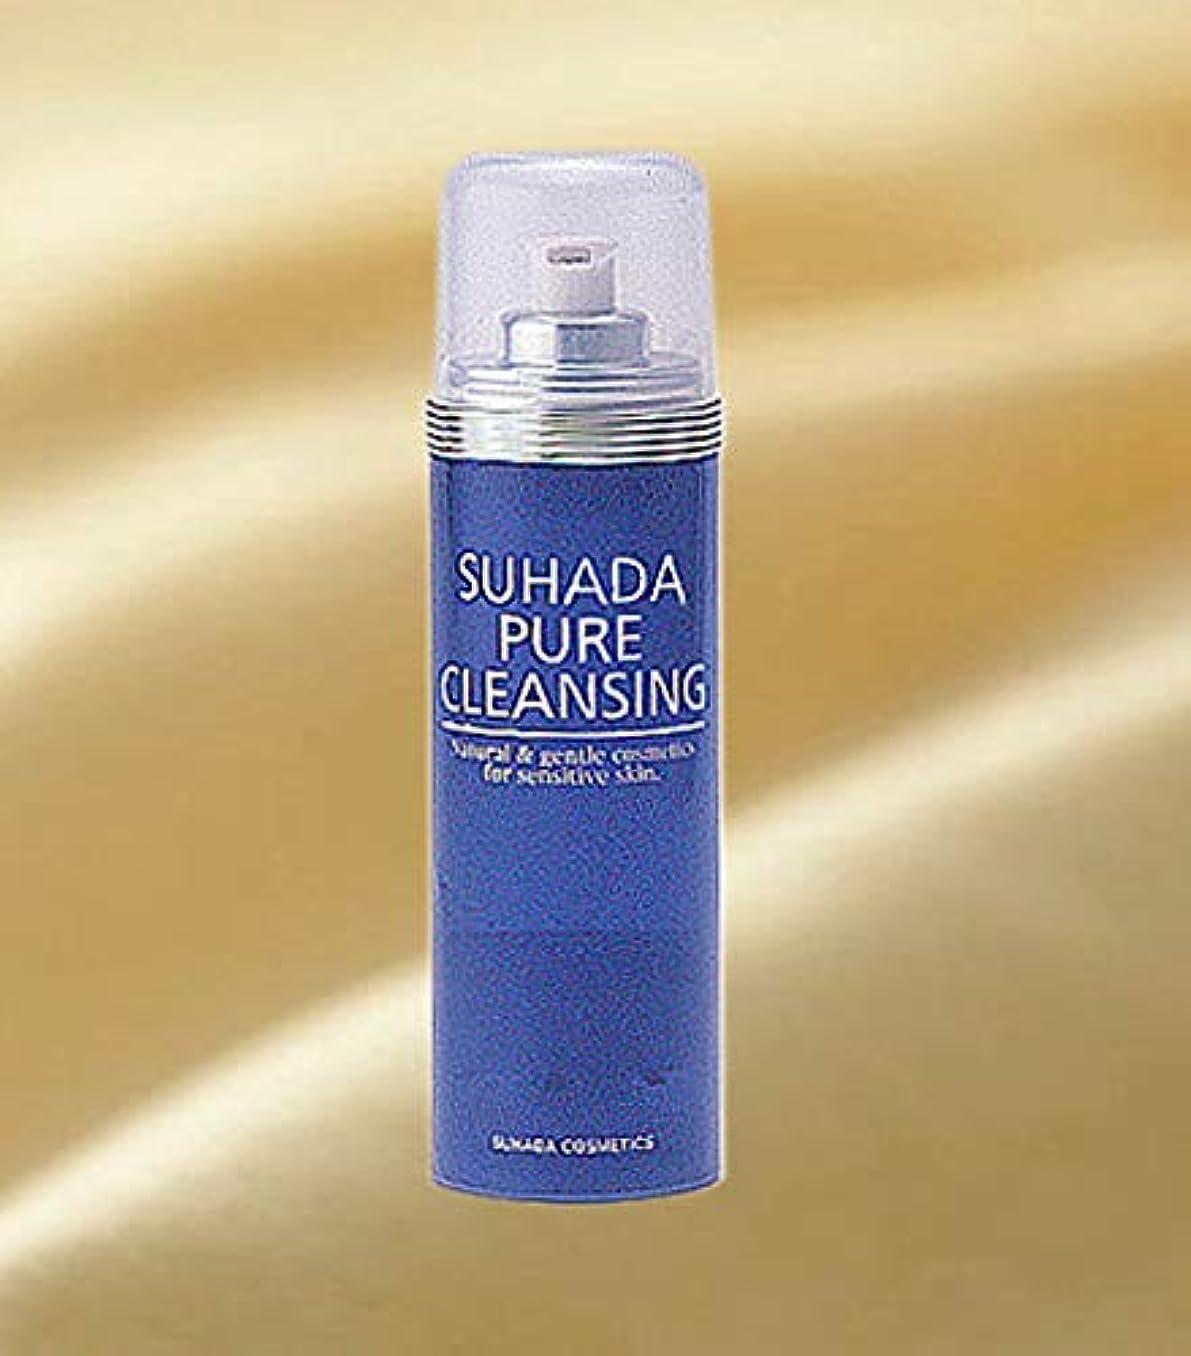 要求するの慈悲で親密なスハダ ピュアクレンジング(130g) Suhada Pure Cleansing